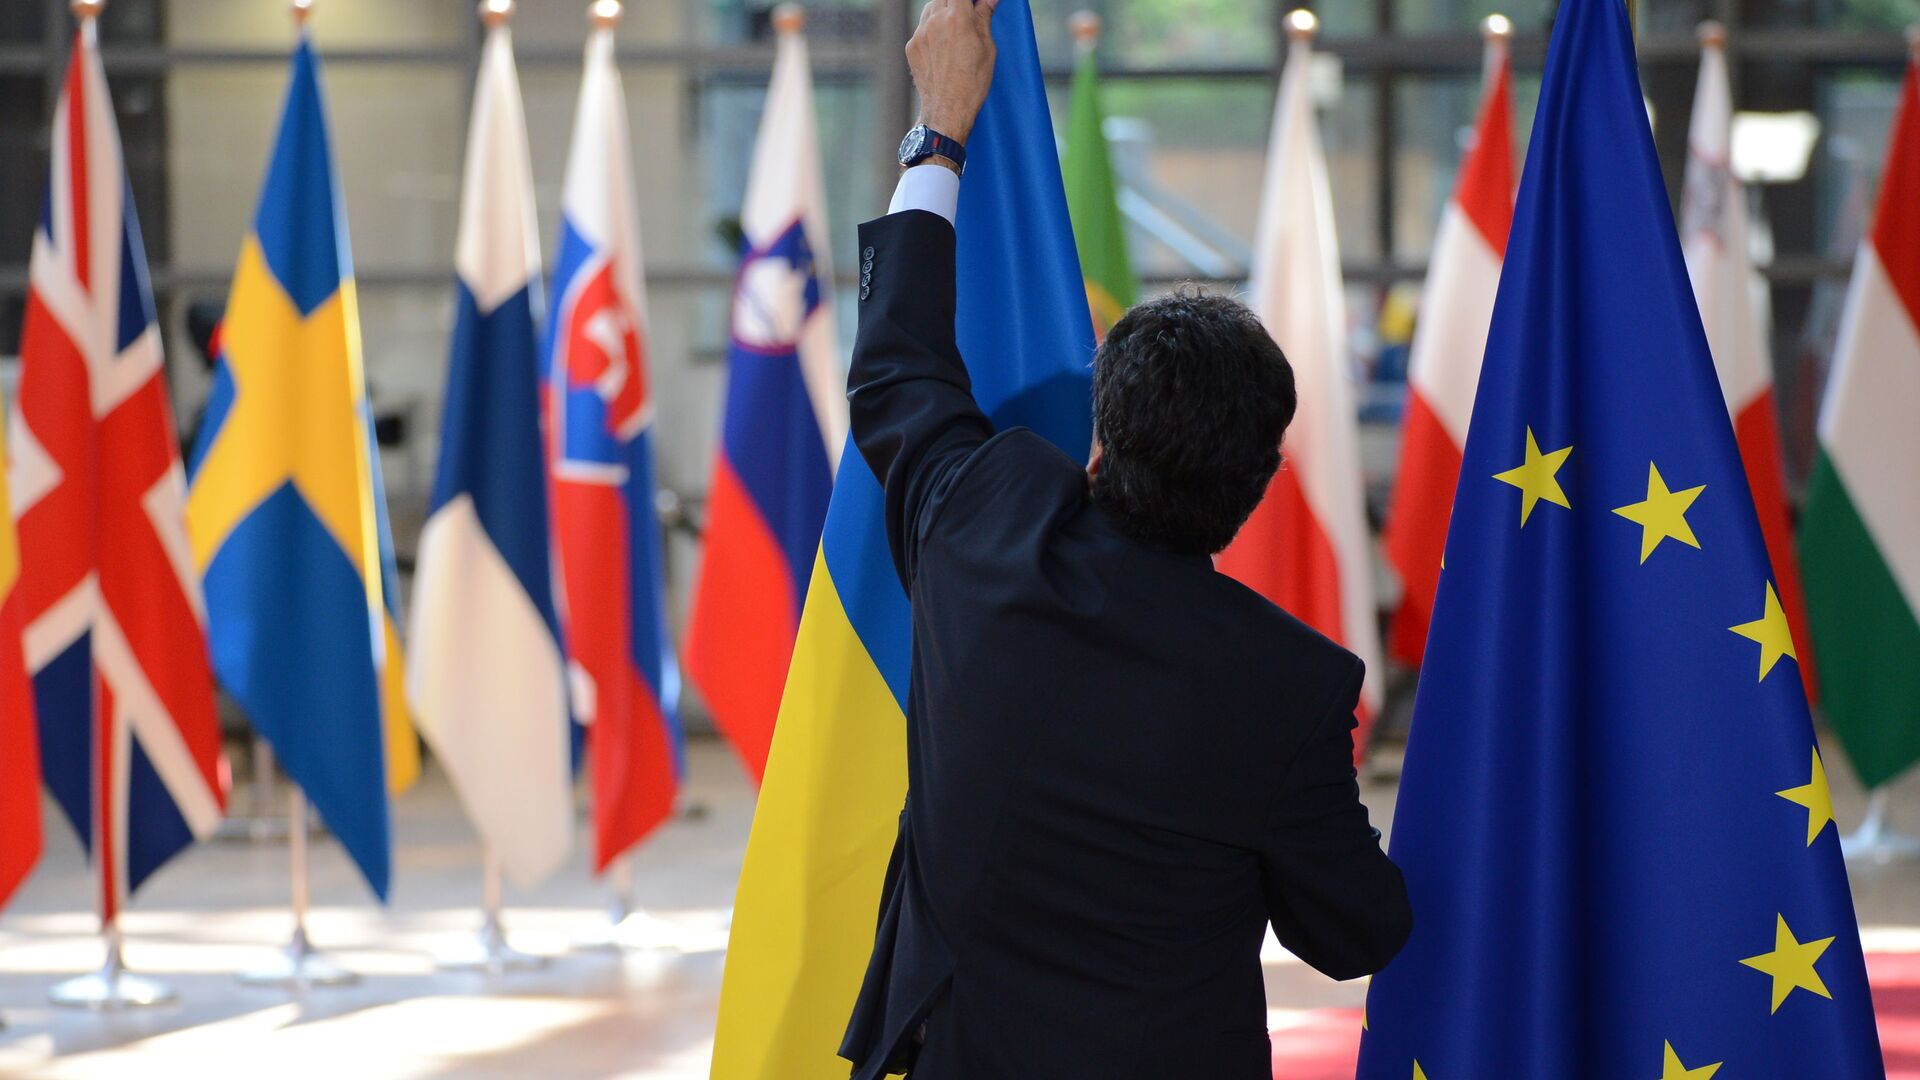 Флаги Украины и ЕС в Брюсселе - РИА Новости, 1920, 09.10.2021